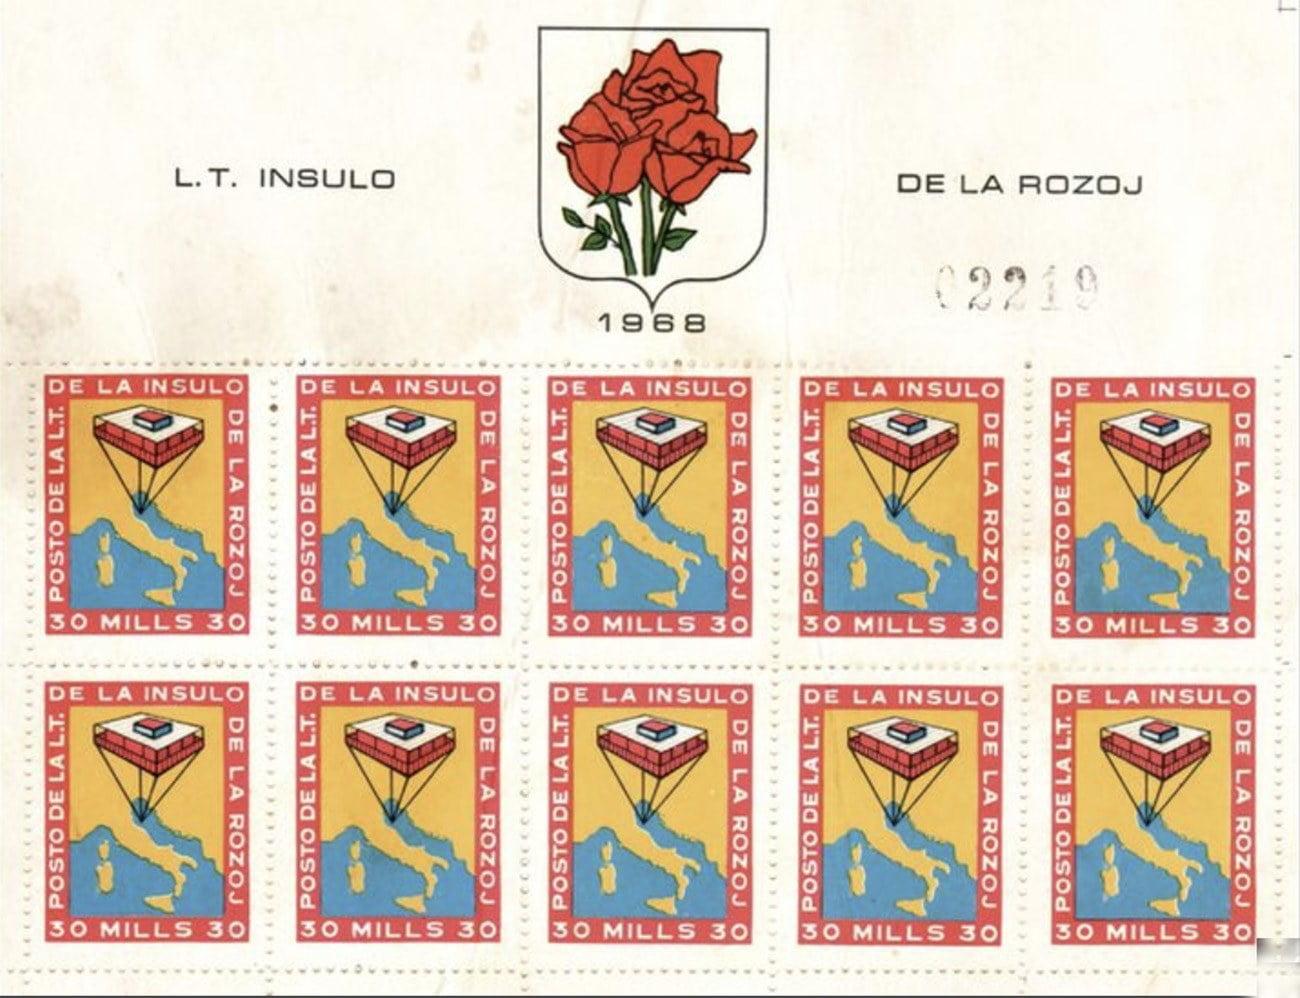 Imagem de selos da Ilha das Rosas